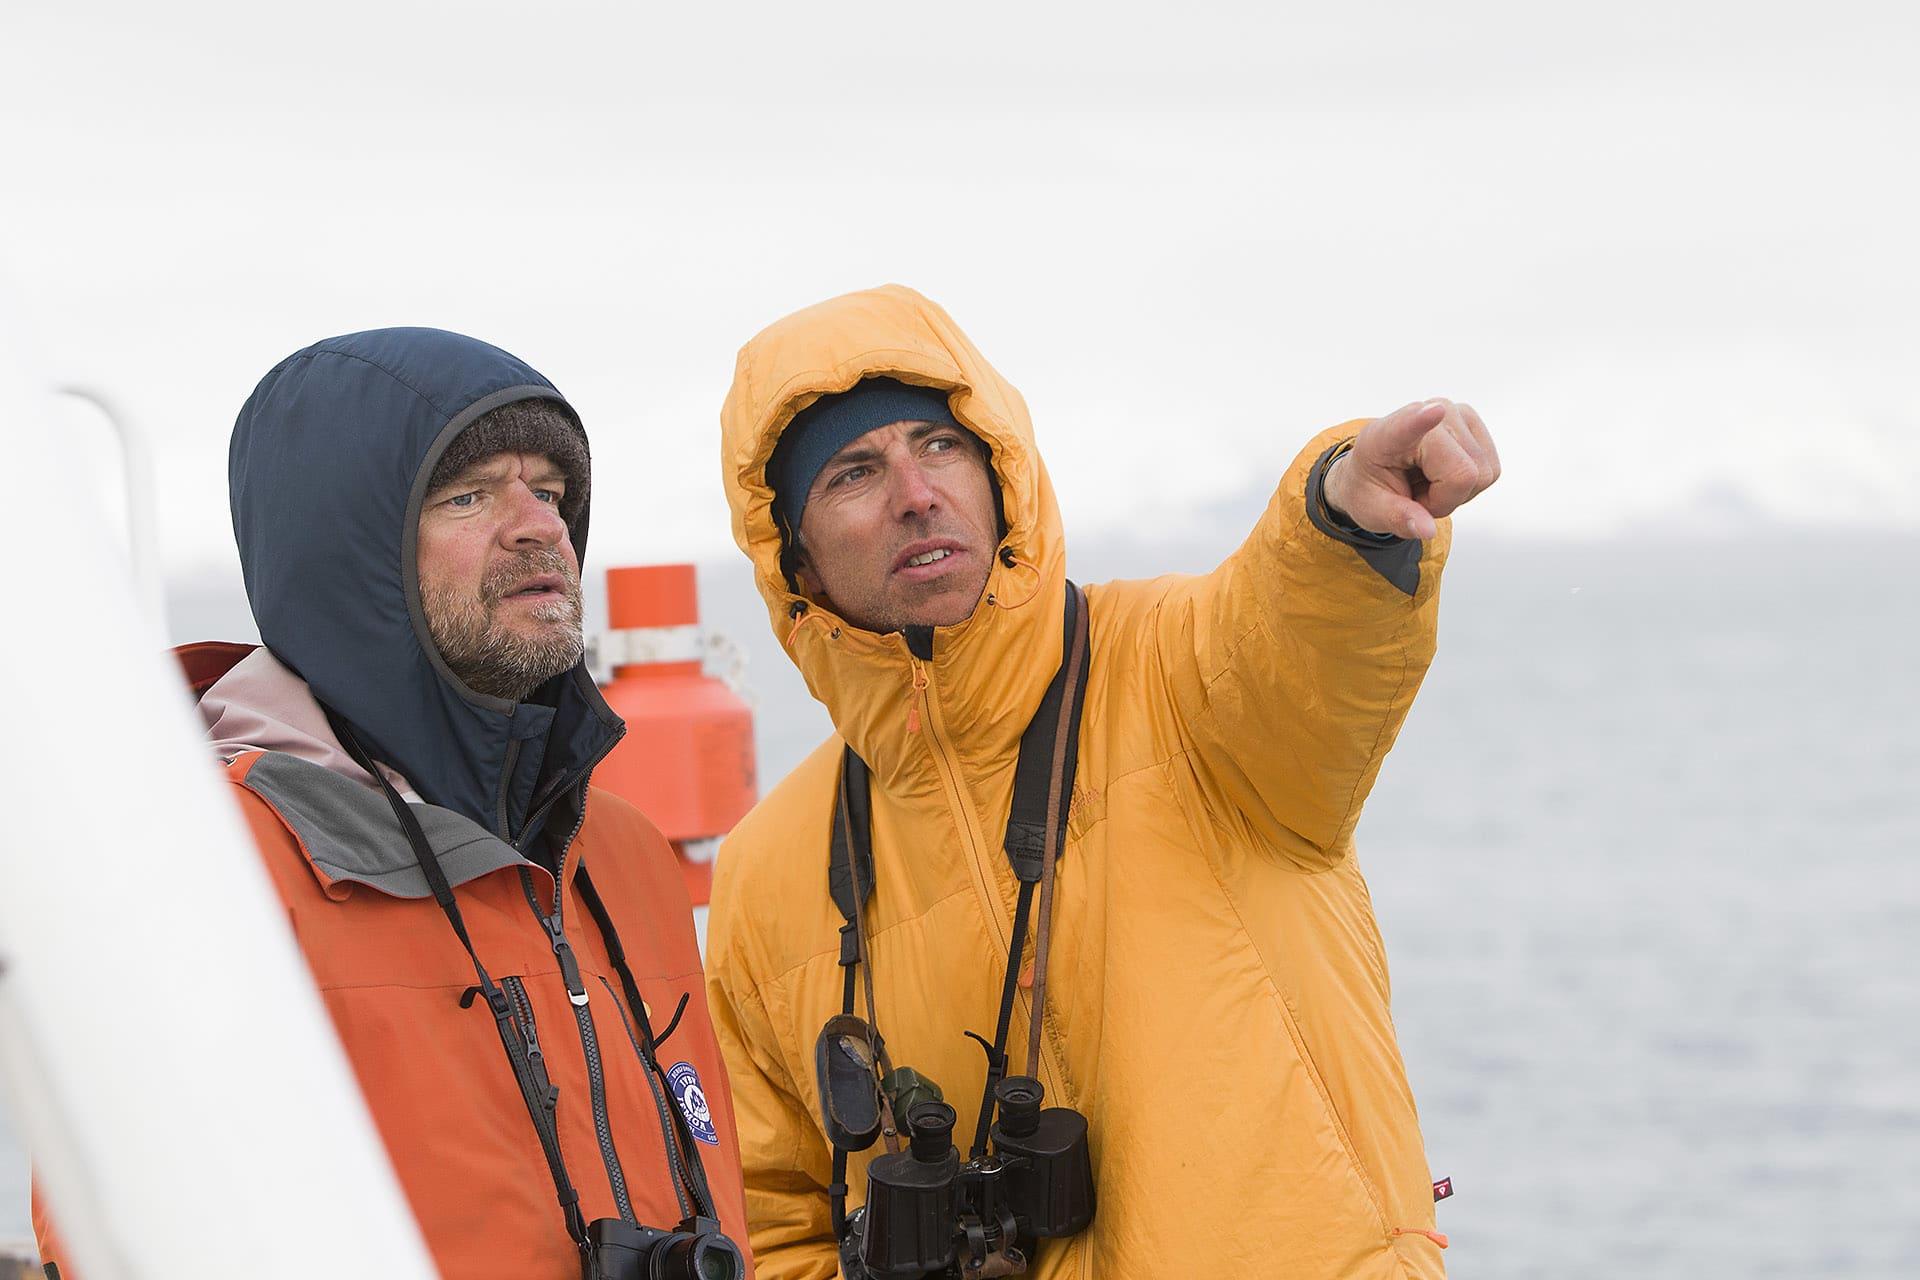 Bergsguiderna Christian Edelstam och Magnus Lindor Strand spanar efter isbjörn innan färden in till kusten påbörjas.